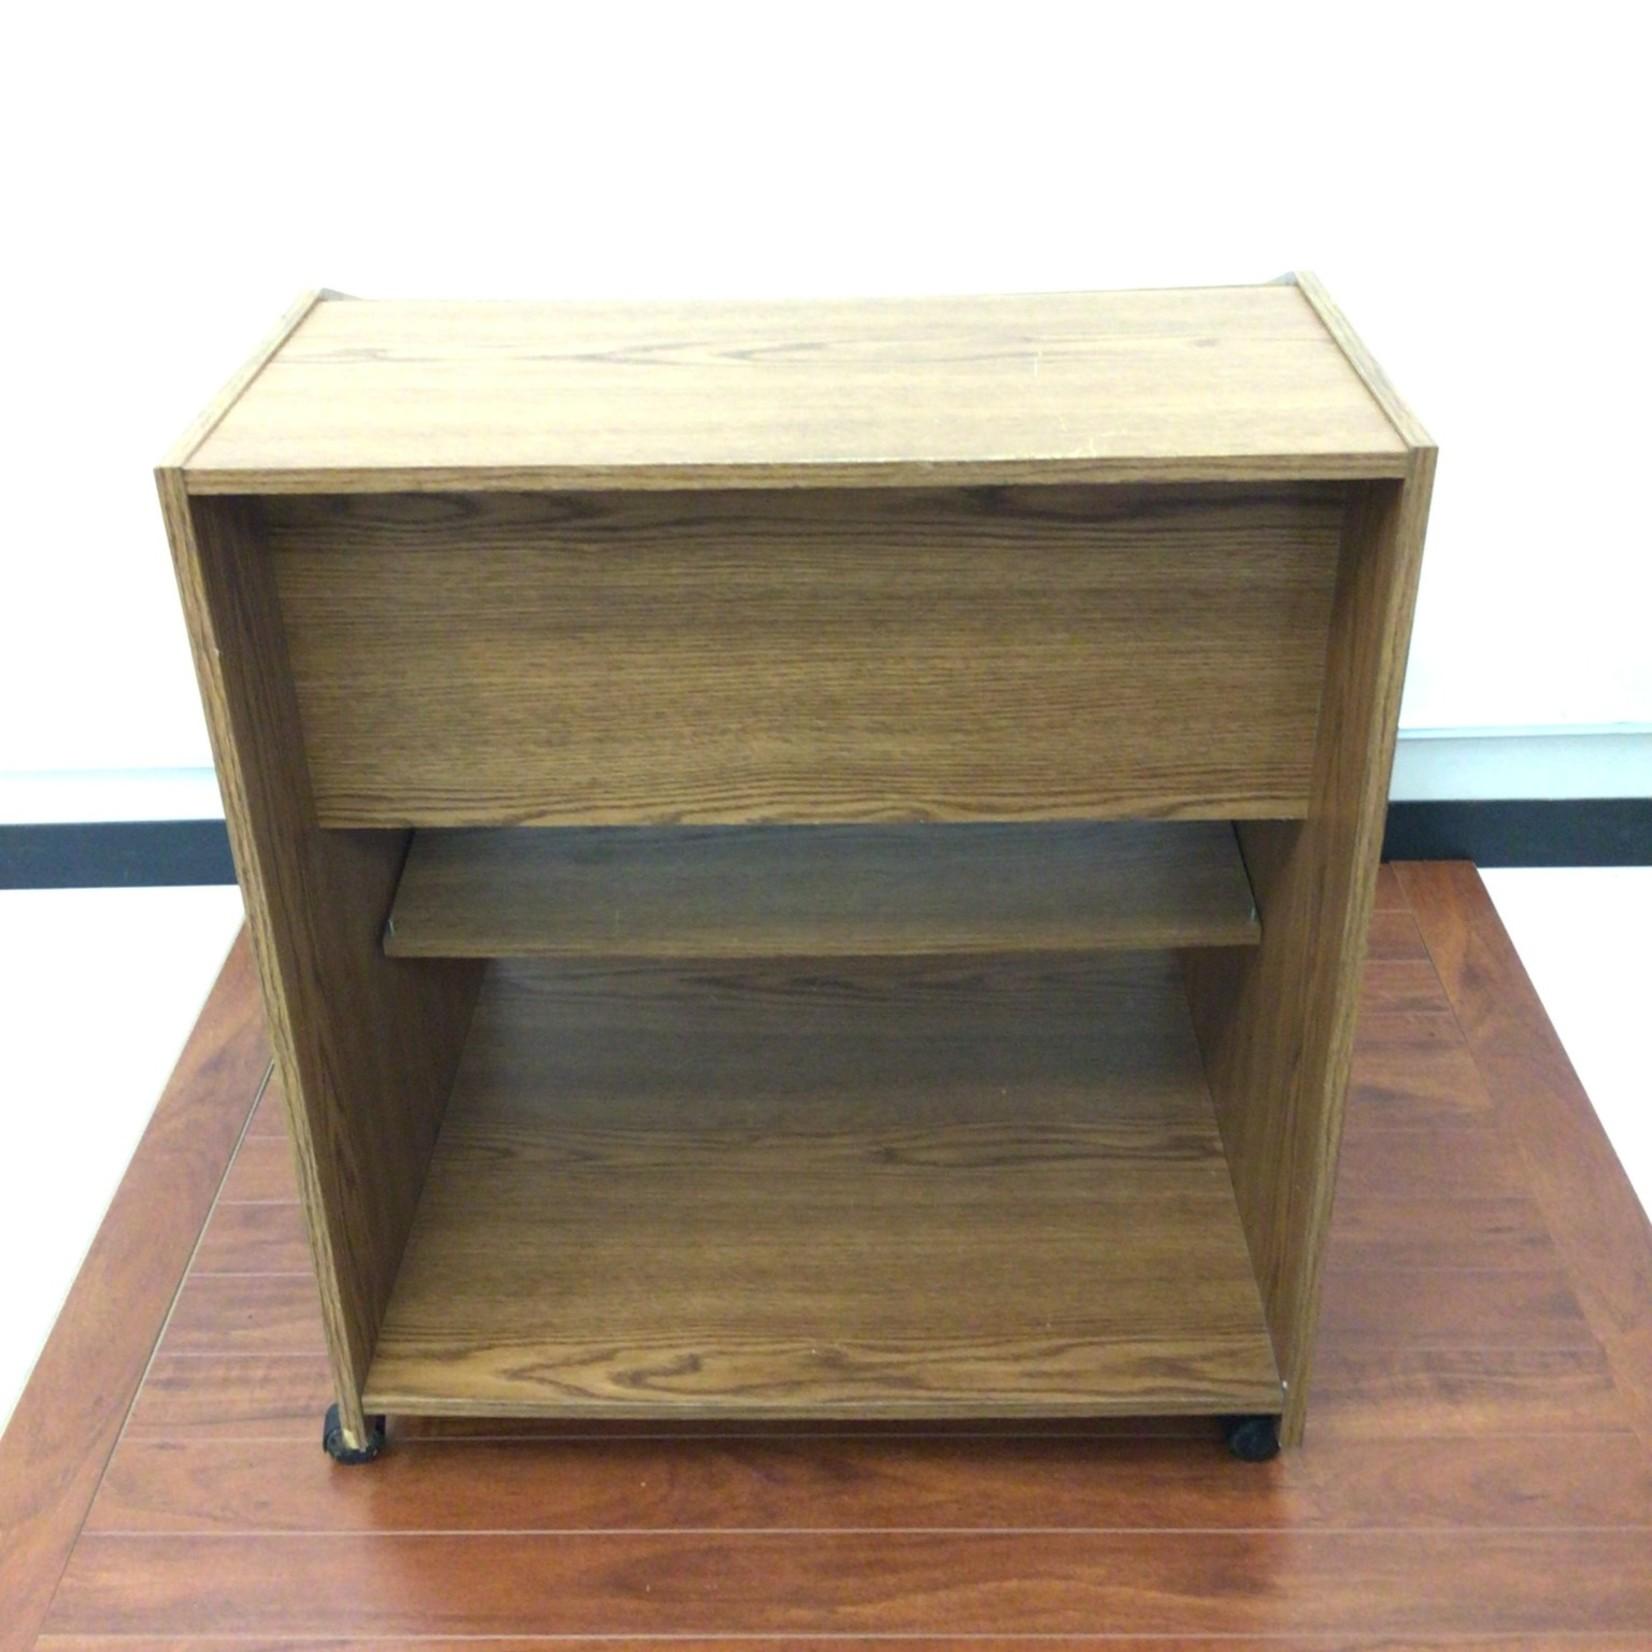 Adjustable Compartment Sliding Desk